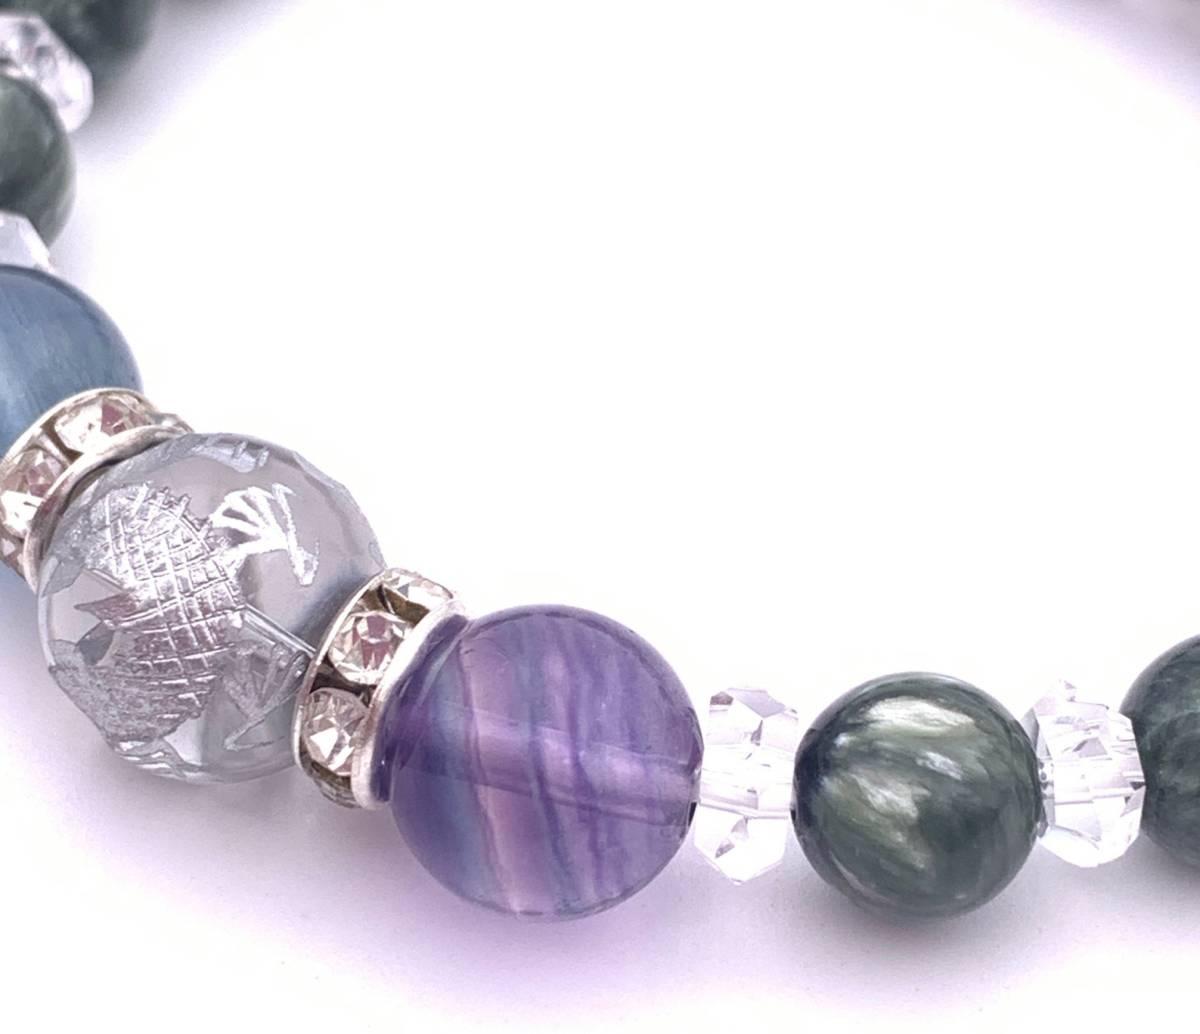 天然石水晶銀彫り青龍12mm玉&フローライト&セラフィナイトのブレスレット_画像2